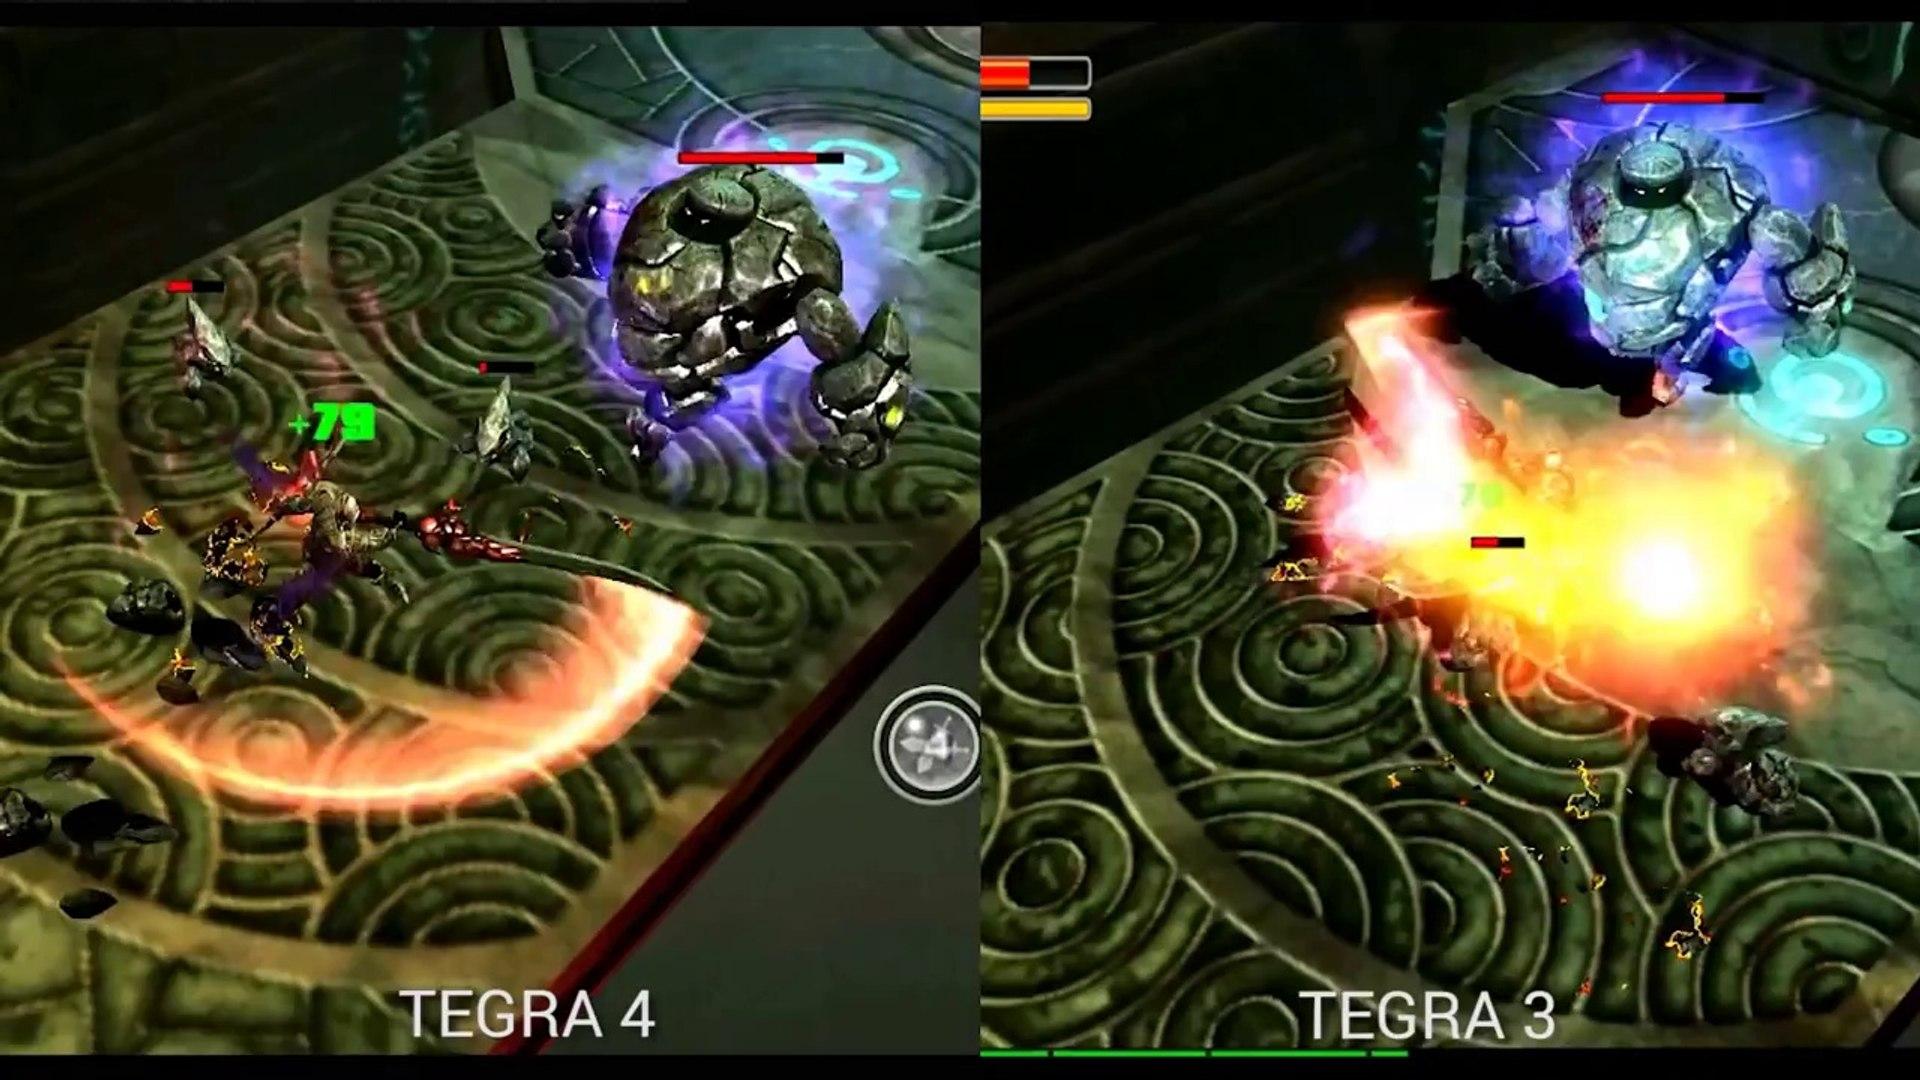 Tegra comparison